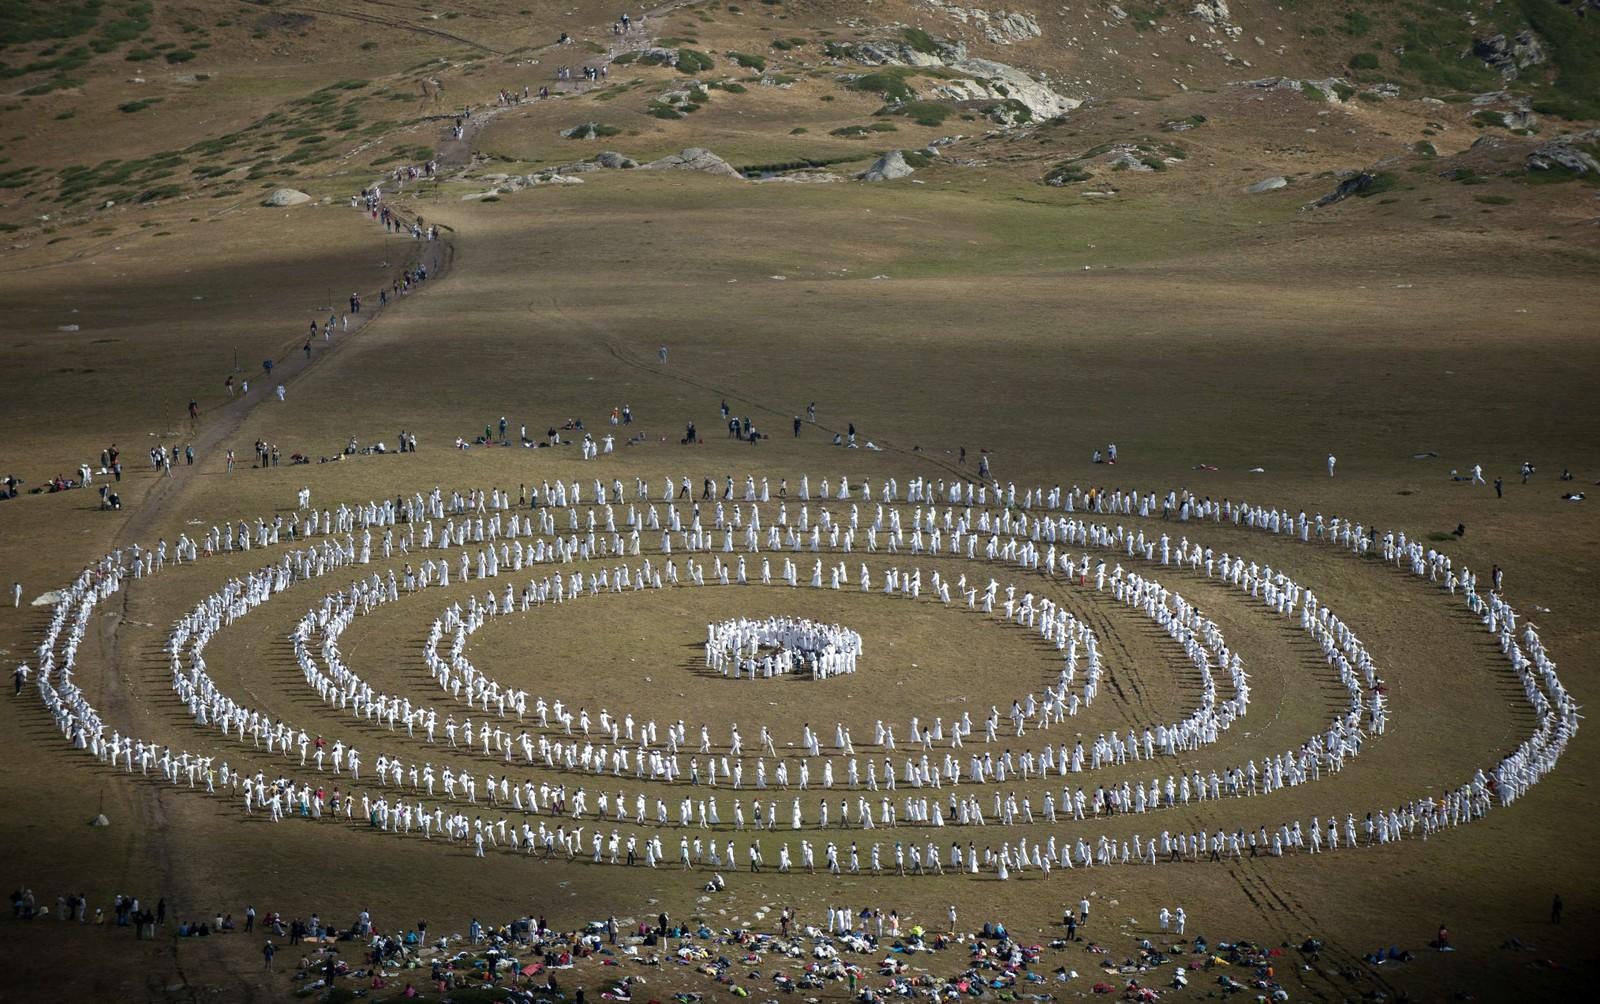 """1500 pilgrimmer var samlet i Bulgarias Rila-fjeller denne uka for å meditere, danse og markere starten på deres """"spirituelle"""" nye år. Den religiøste gruppa kaller seg det hvite brorskap og kombinerer deler av hinduismen og kristendommen i sin tro."""